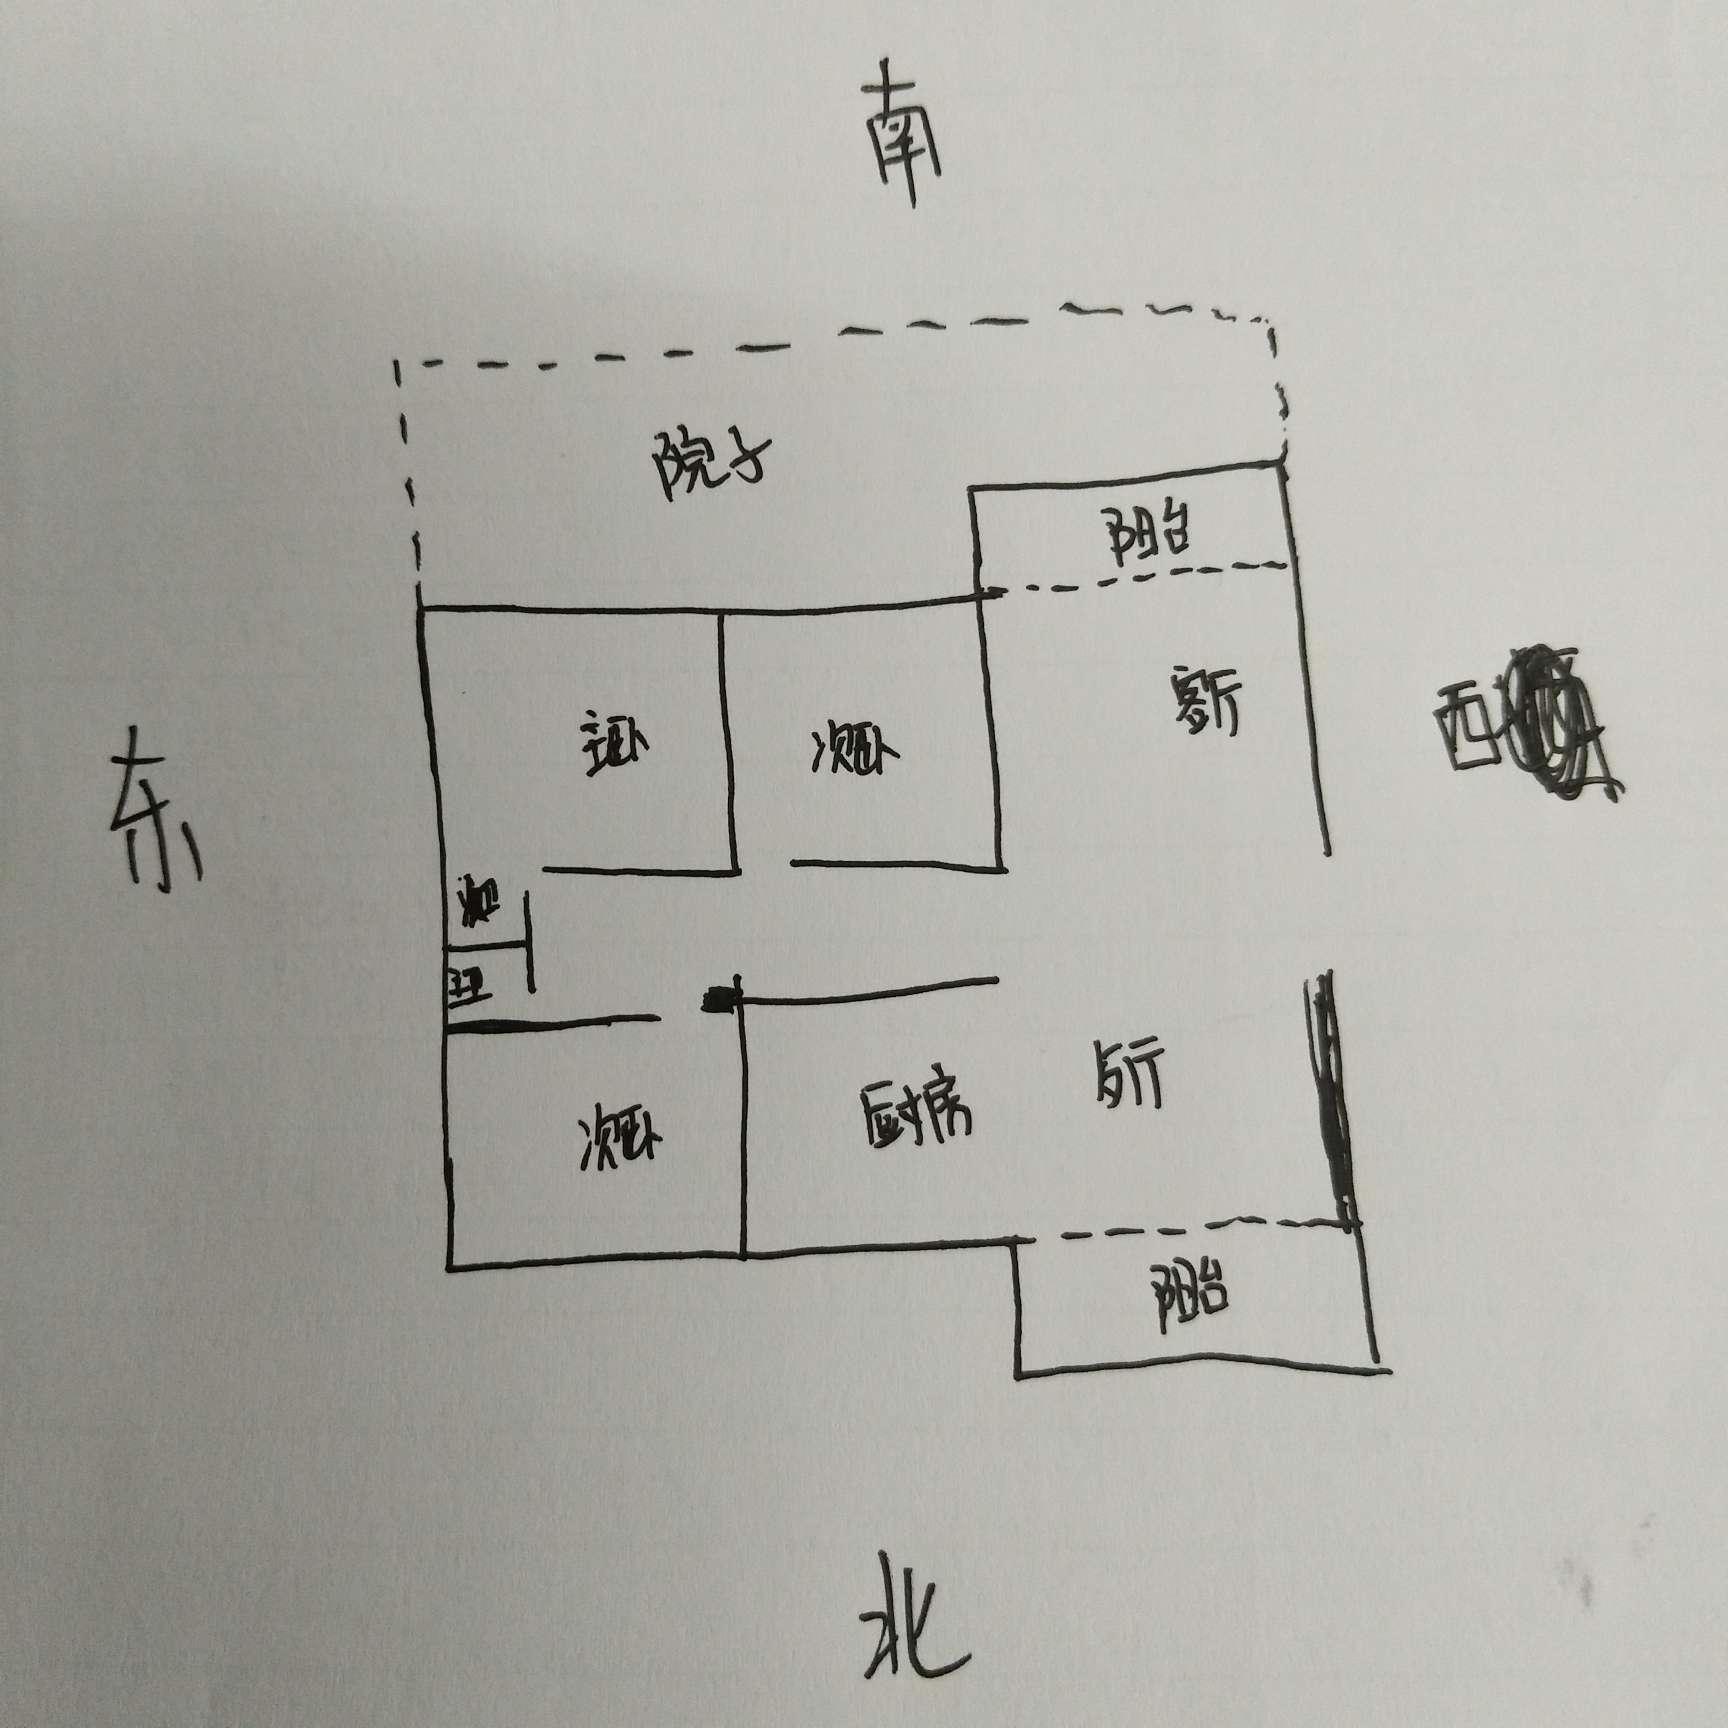 锦绣家园(建设中)